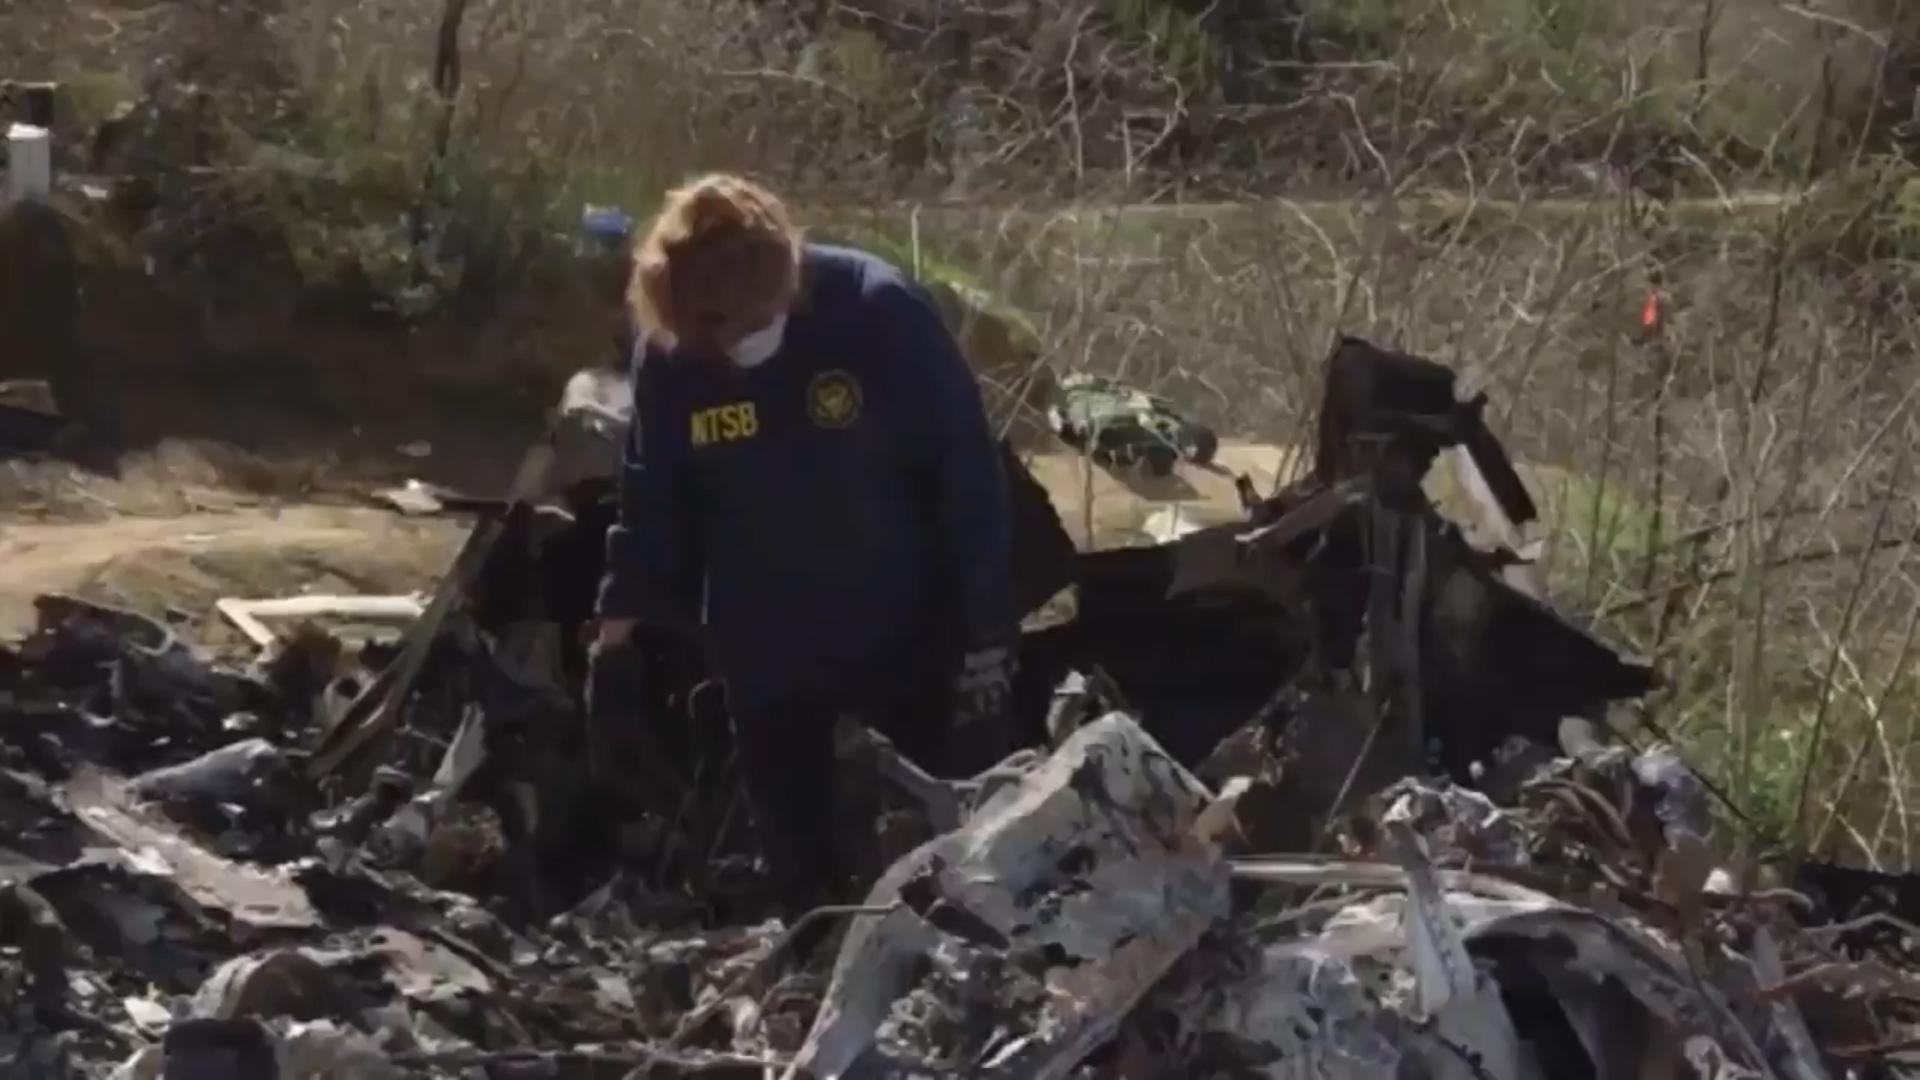 El Departamento de Medicina Forense del Condado de Los Ángeles anunció que los nueve cuerpos han sido